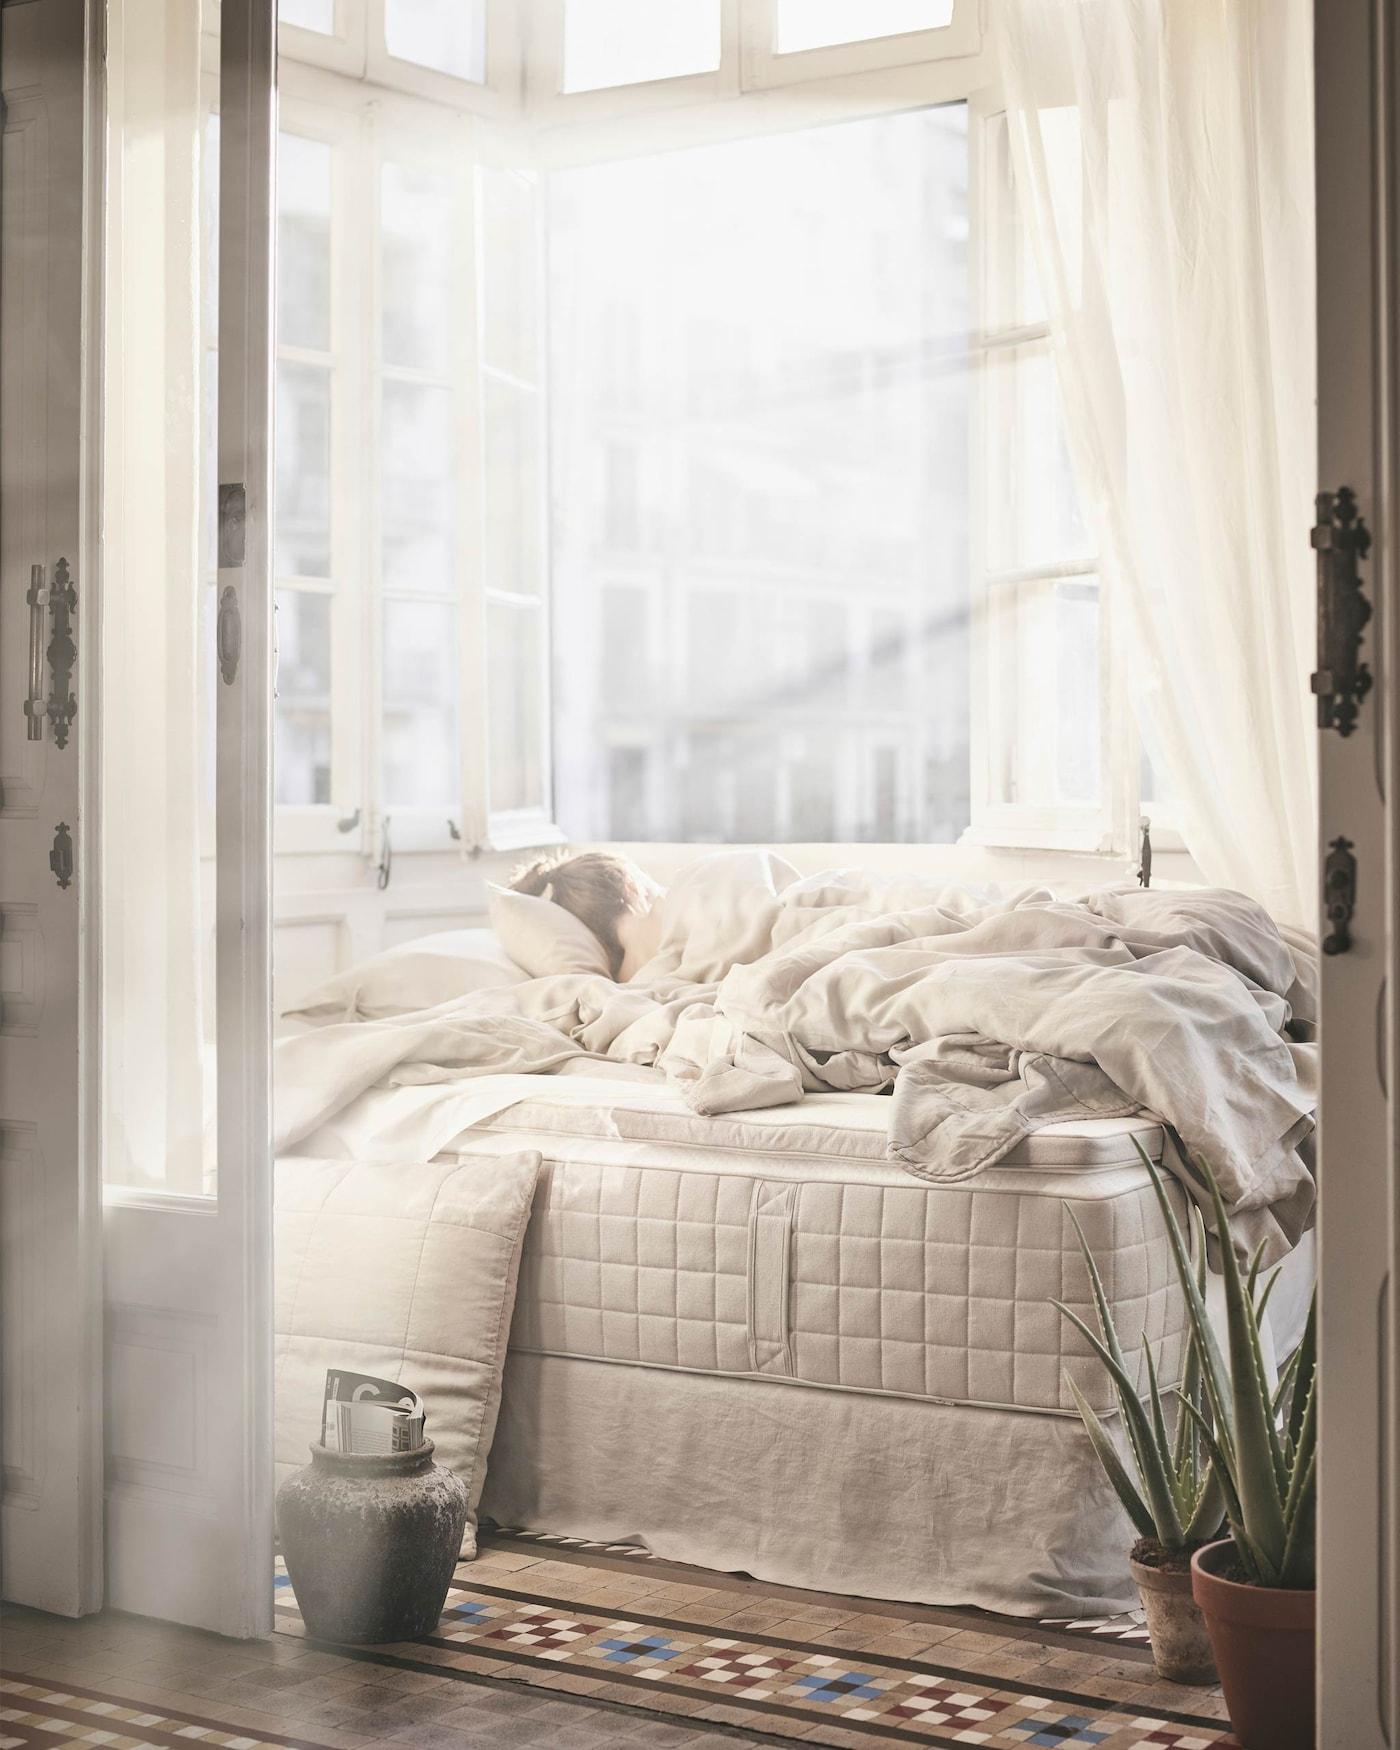 Offre-toi le confort d'un matelas confectionné dans des matériaux naturels. Le matelas à ressorts ensachés HIDRASUND crée un climat de sommeil frais et uniforme.